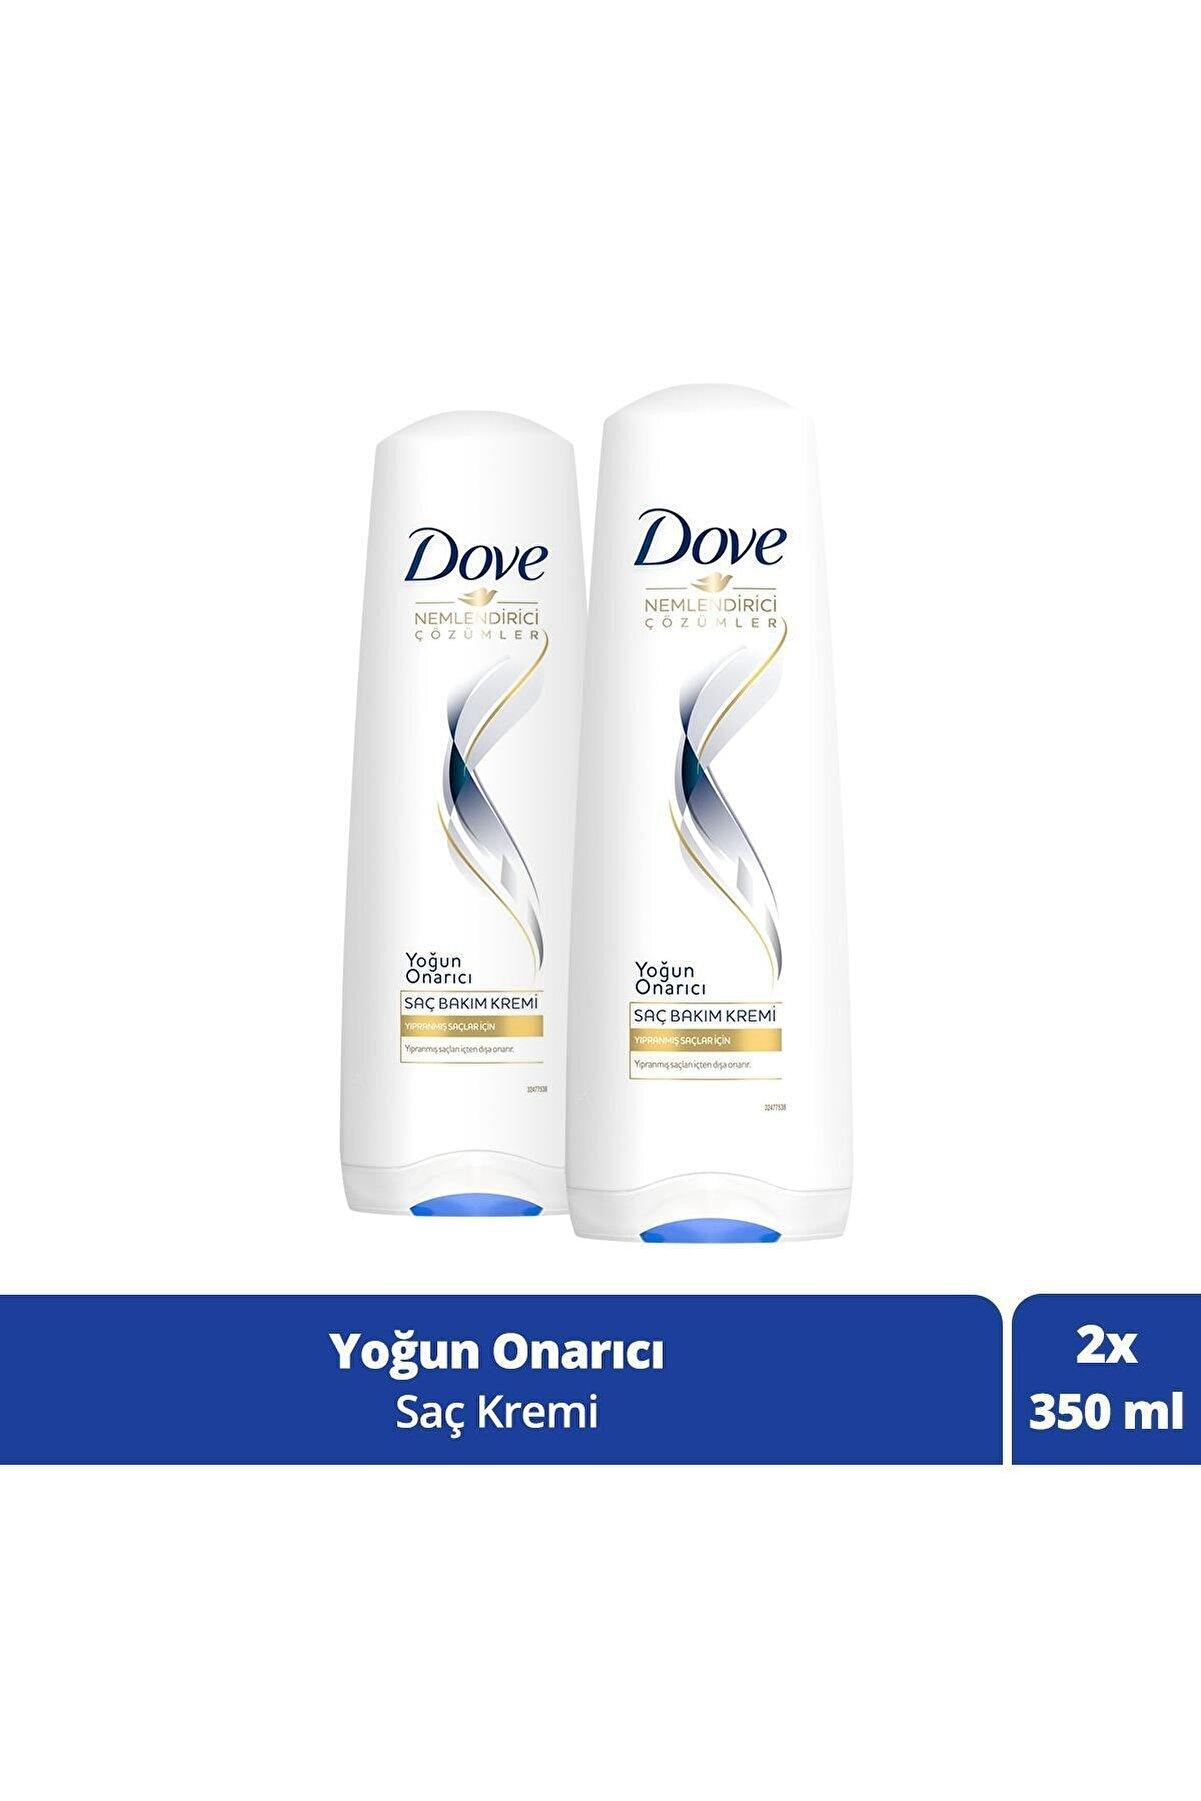 Dove Yıpranmış Saçlar Için Yoğun Onarıcı Saç Bakım Kremi 350 ml X 2